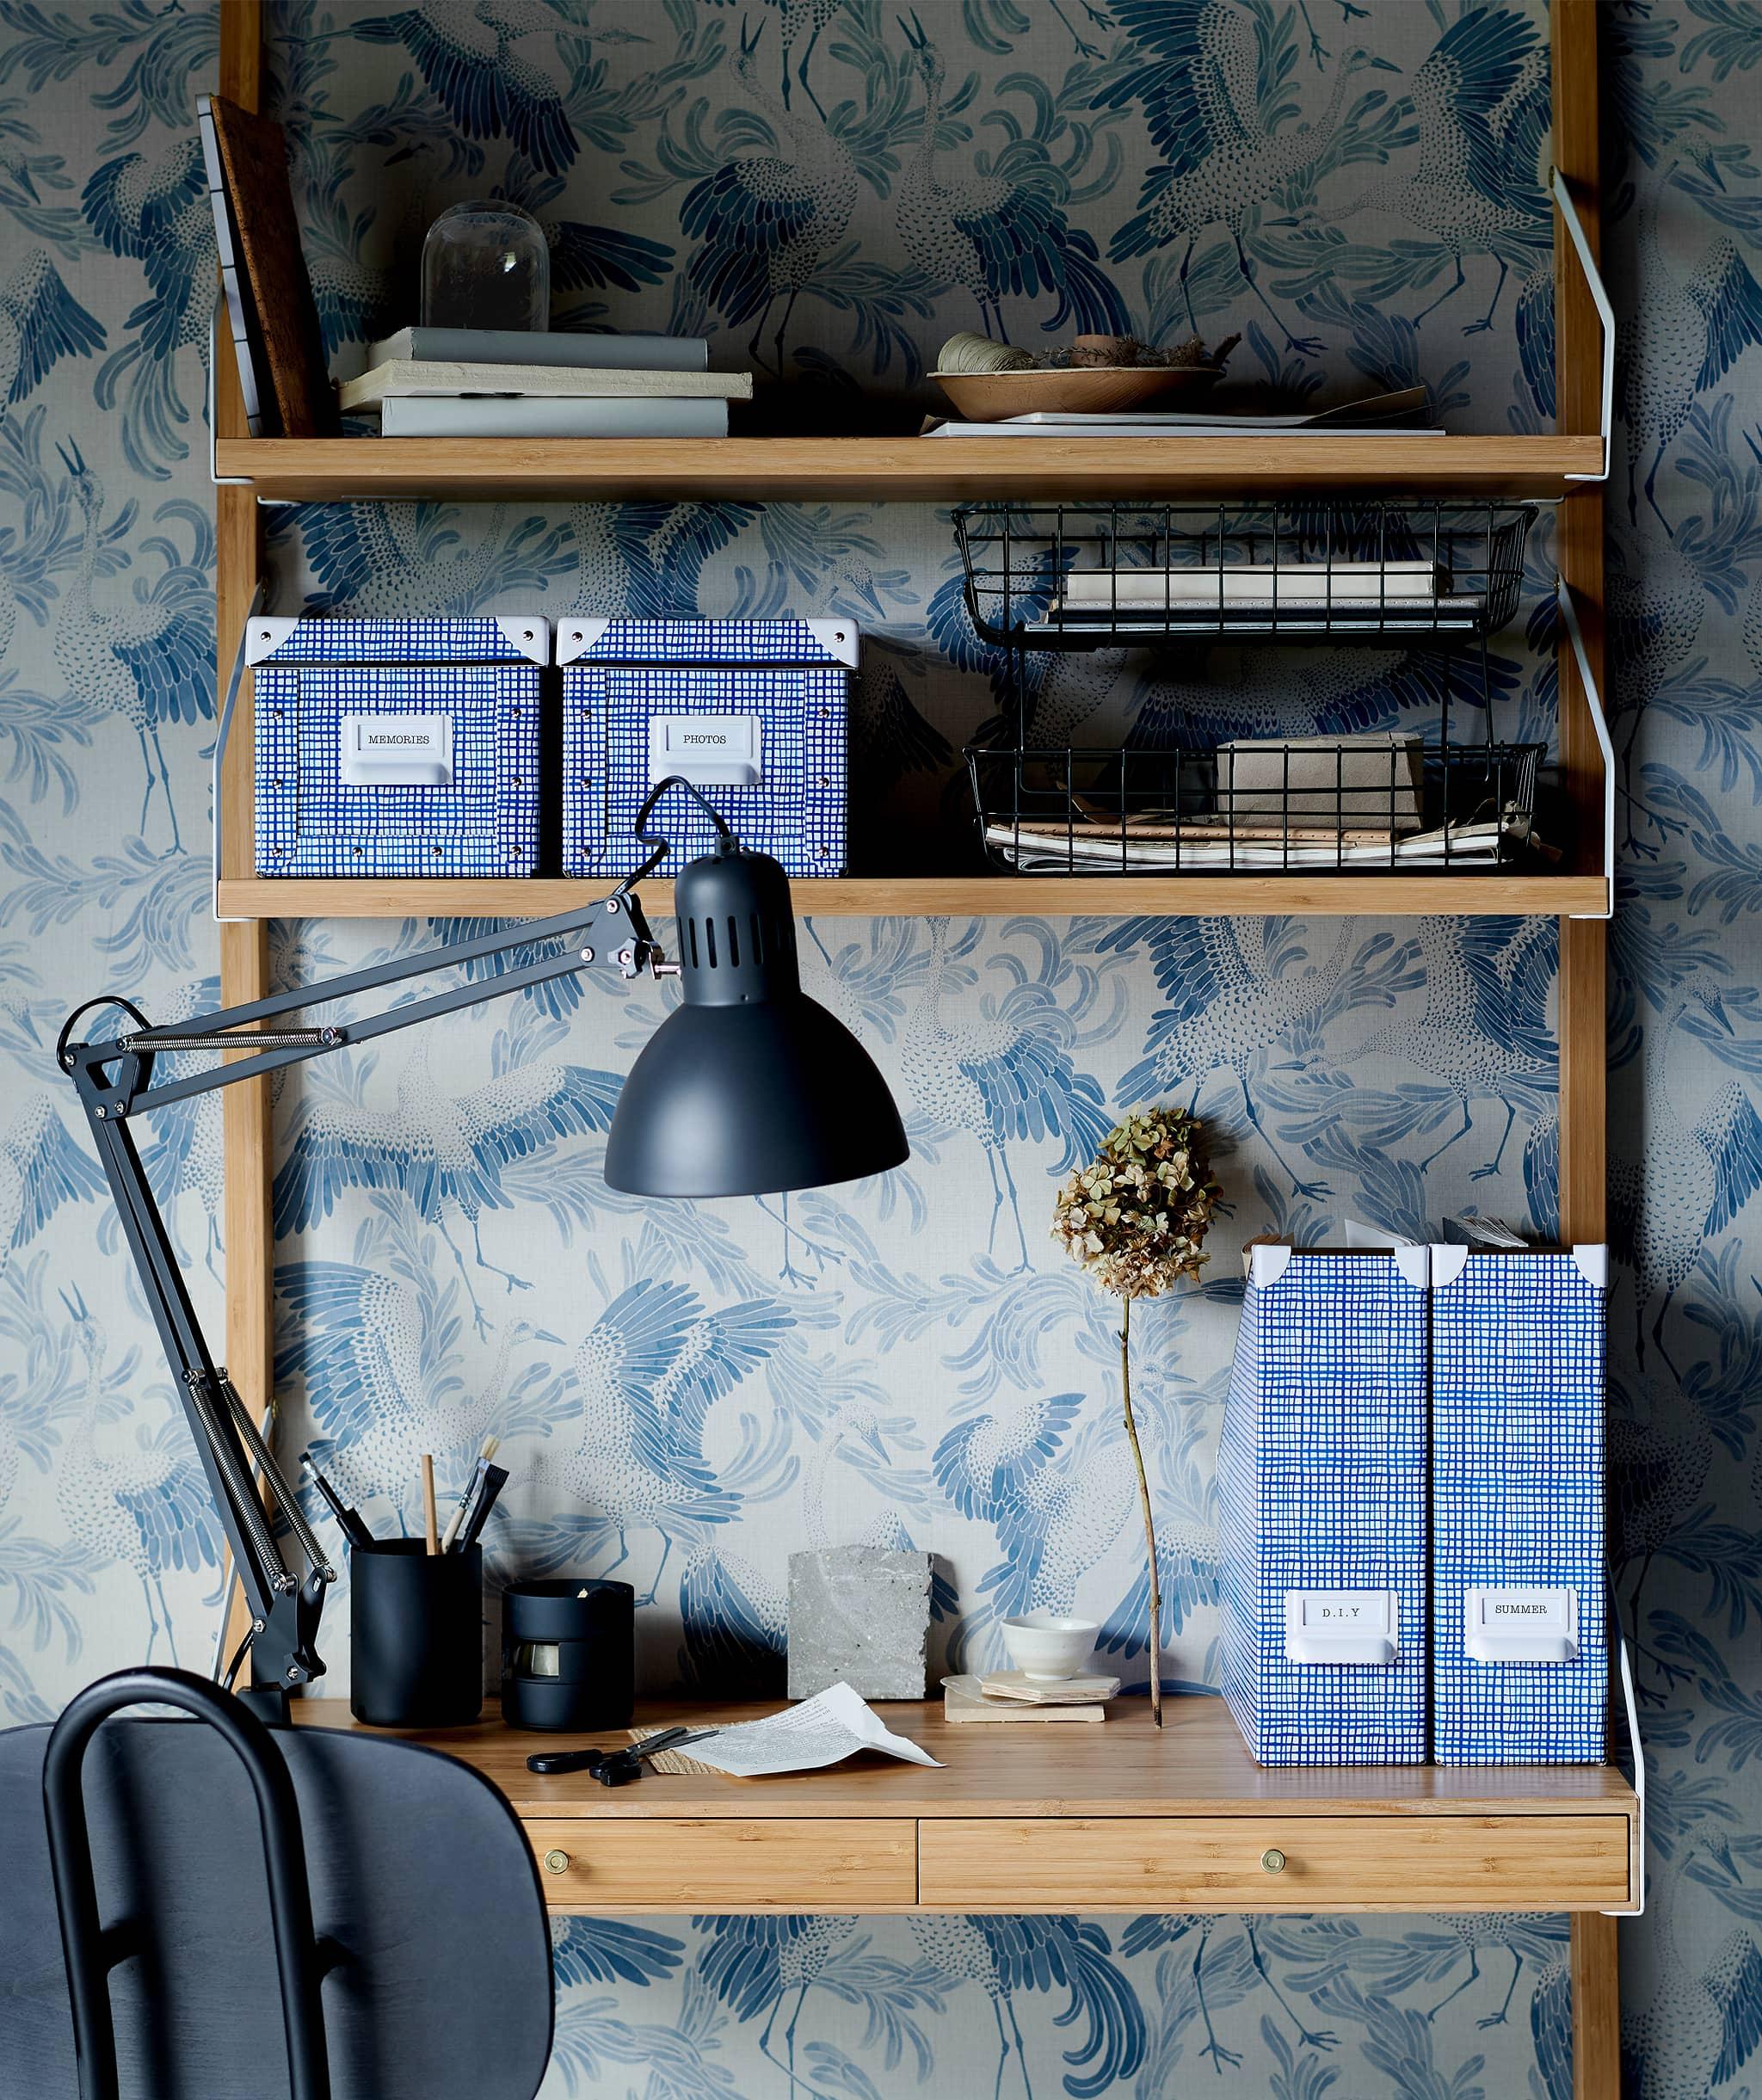 Rak yang dipasang di dinding merangkap sebagai ruang kerja kecil; berbagai penyimpanan, lampu meja, kursi kantor, wallpaper bermotif grafis.